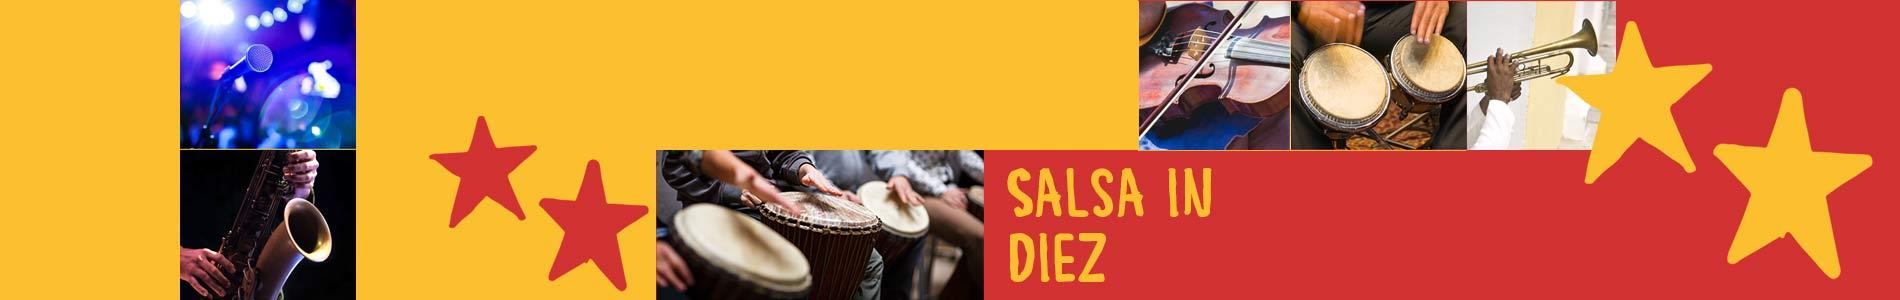 Salsa in Diez – Salsa lernen und tanzen, Tanzkurse, Partys, Veranstaltungen